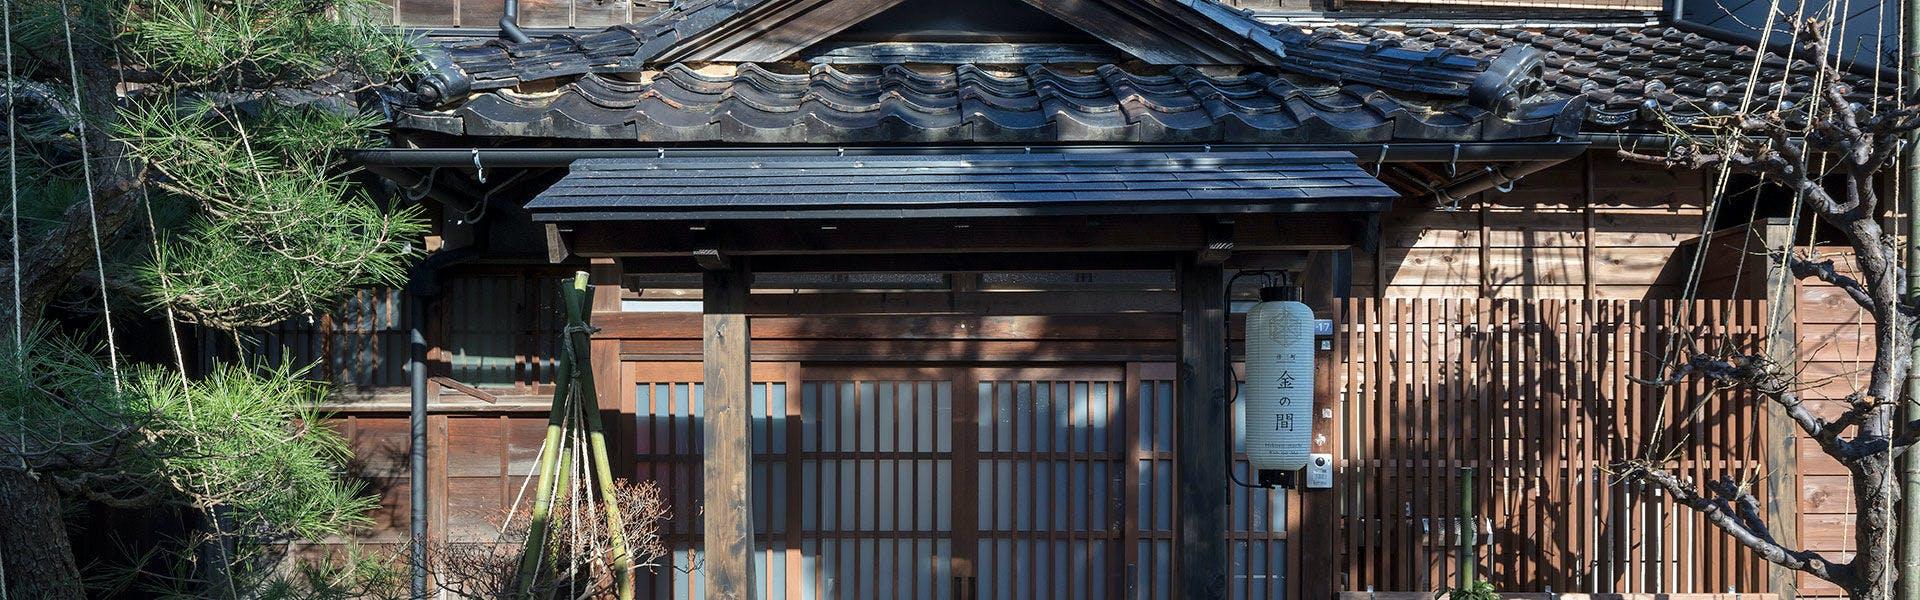 金沢の伝統に囲まれて優雅に過ごす